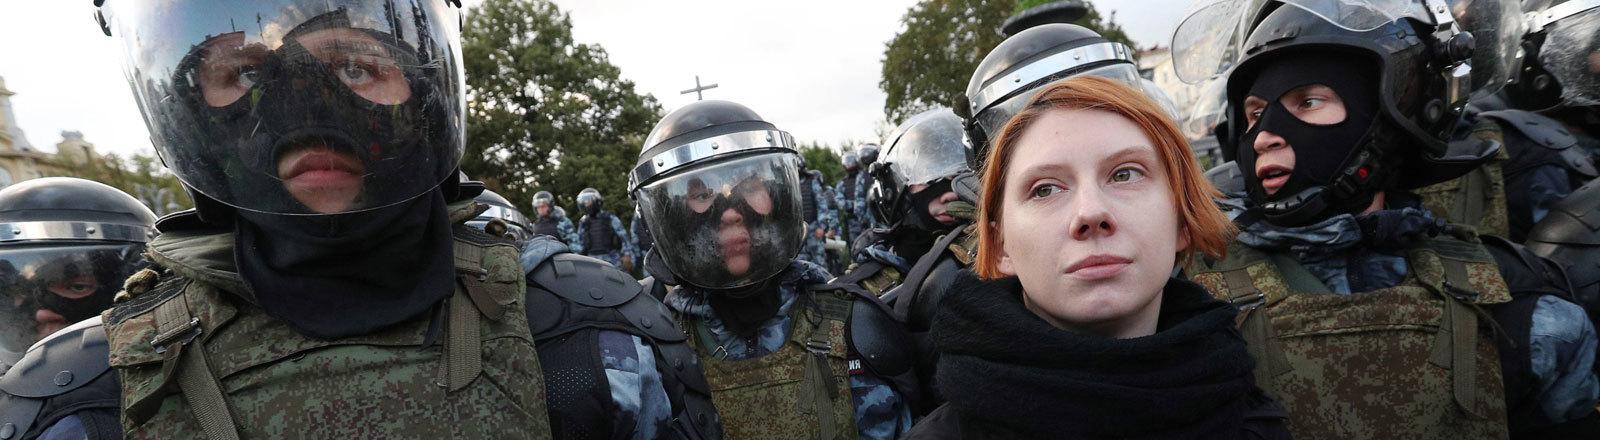 Bei einer Demonstration in Moskau steht eine junge Frau zwischen Polizisten. 10. August 2019.